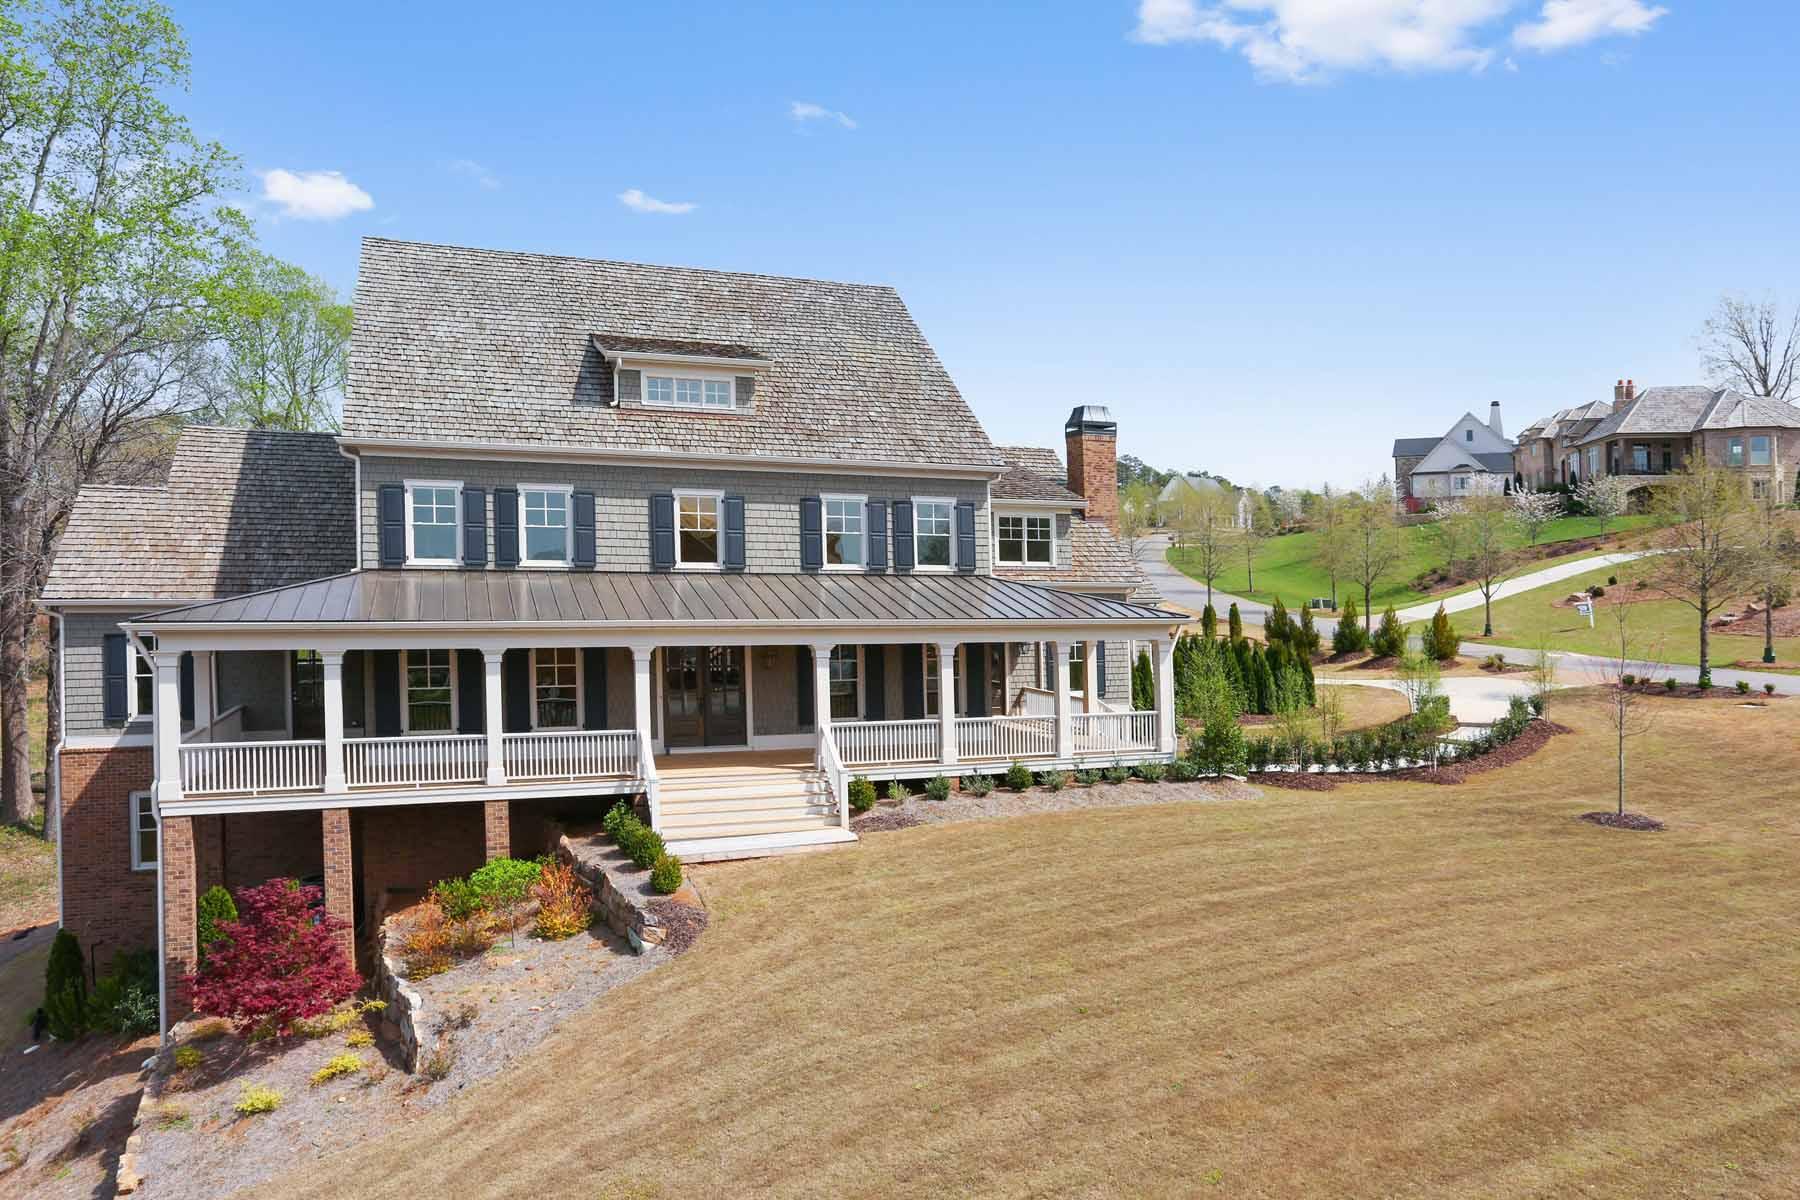 Частный односемейный дом для того Продажа на New Construction in The Hayfield 14000 Haystack Lane Milton, Джорджия, 30004 Соединенные Штаты